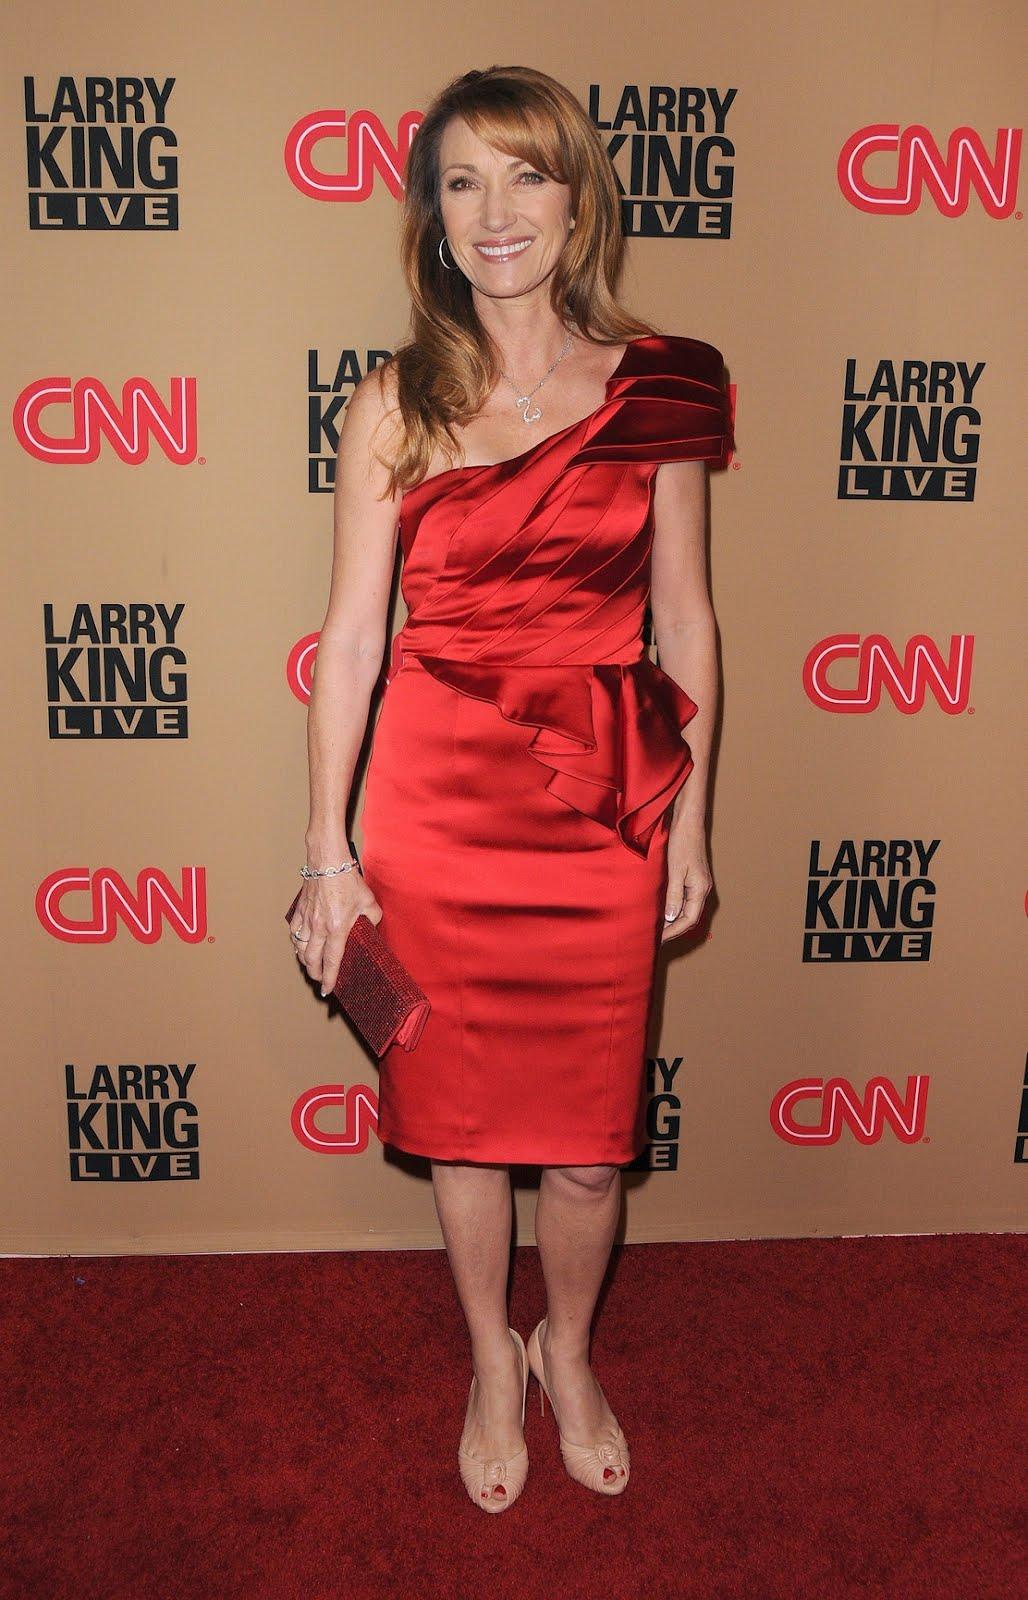 http://3.bp.blogspot.com/-iJJ8dyFv51I/T8yf_y9dJaI/AAAAAAAAFCM/6Z1c_Mt3kyM/s1600/Jane_Seymur_-_CNN_s_Larry_King_Live_Final_Broadcast_Wrap_Party_Los_Angeles_Dec_16__2010_-_By_oTTo__7.jpg